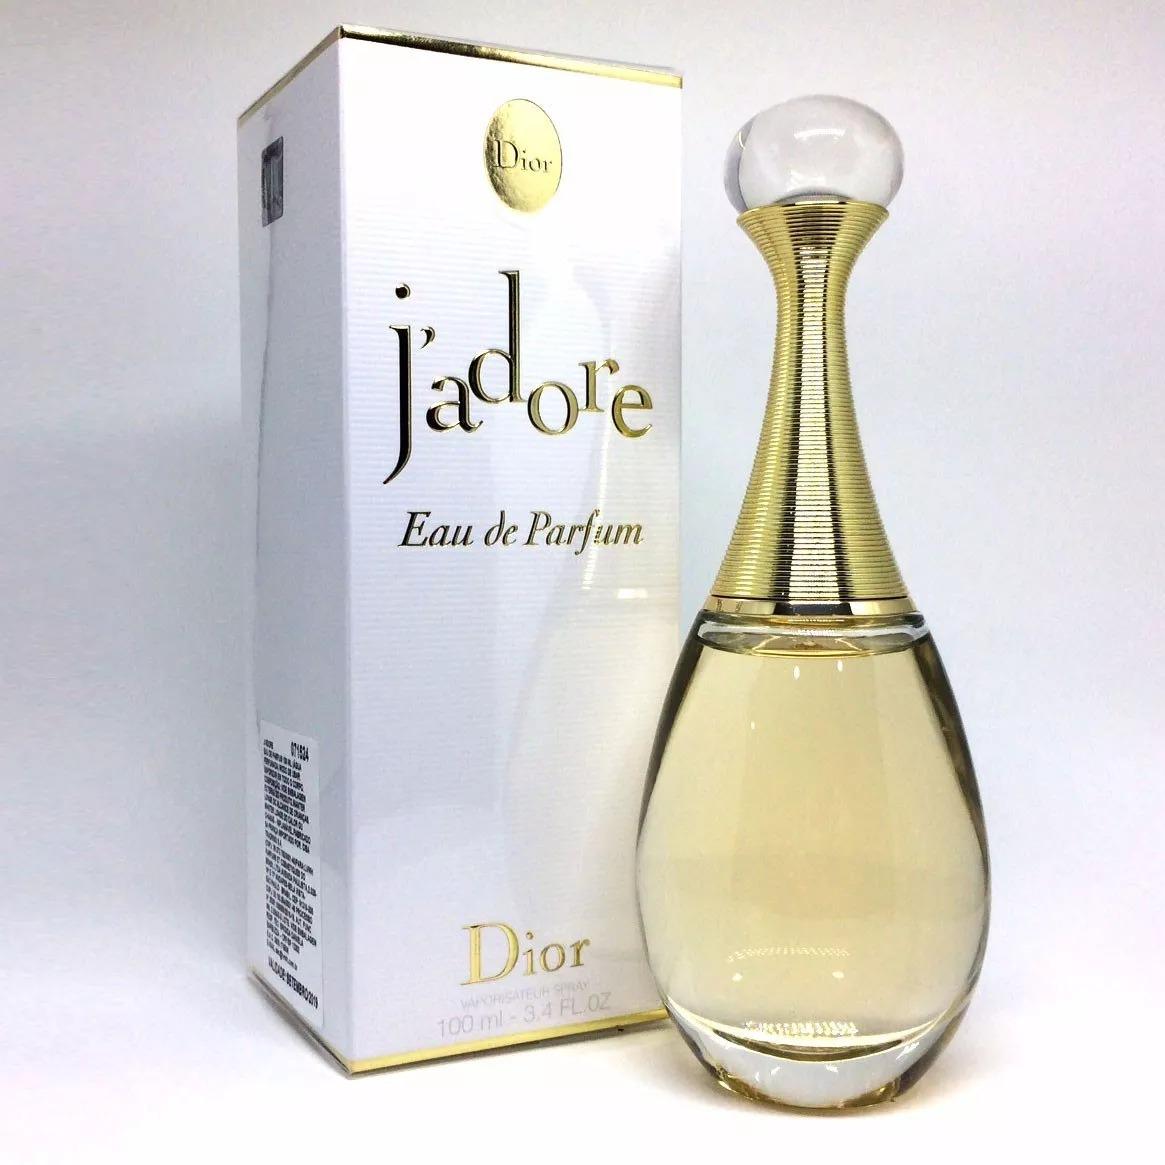 316be8ecc8 Características. Marca Christian Dior  Nome do perfume J adore  Versão  Parfum  Gênero Feminino  Tipo Eau de ...